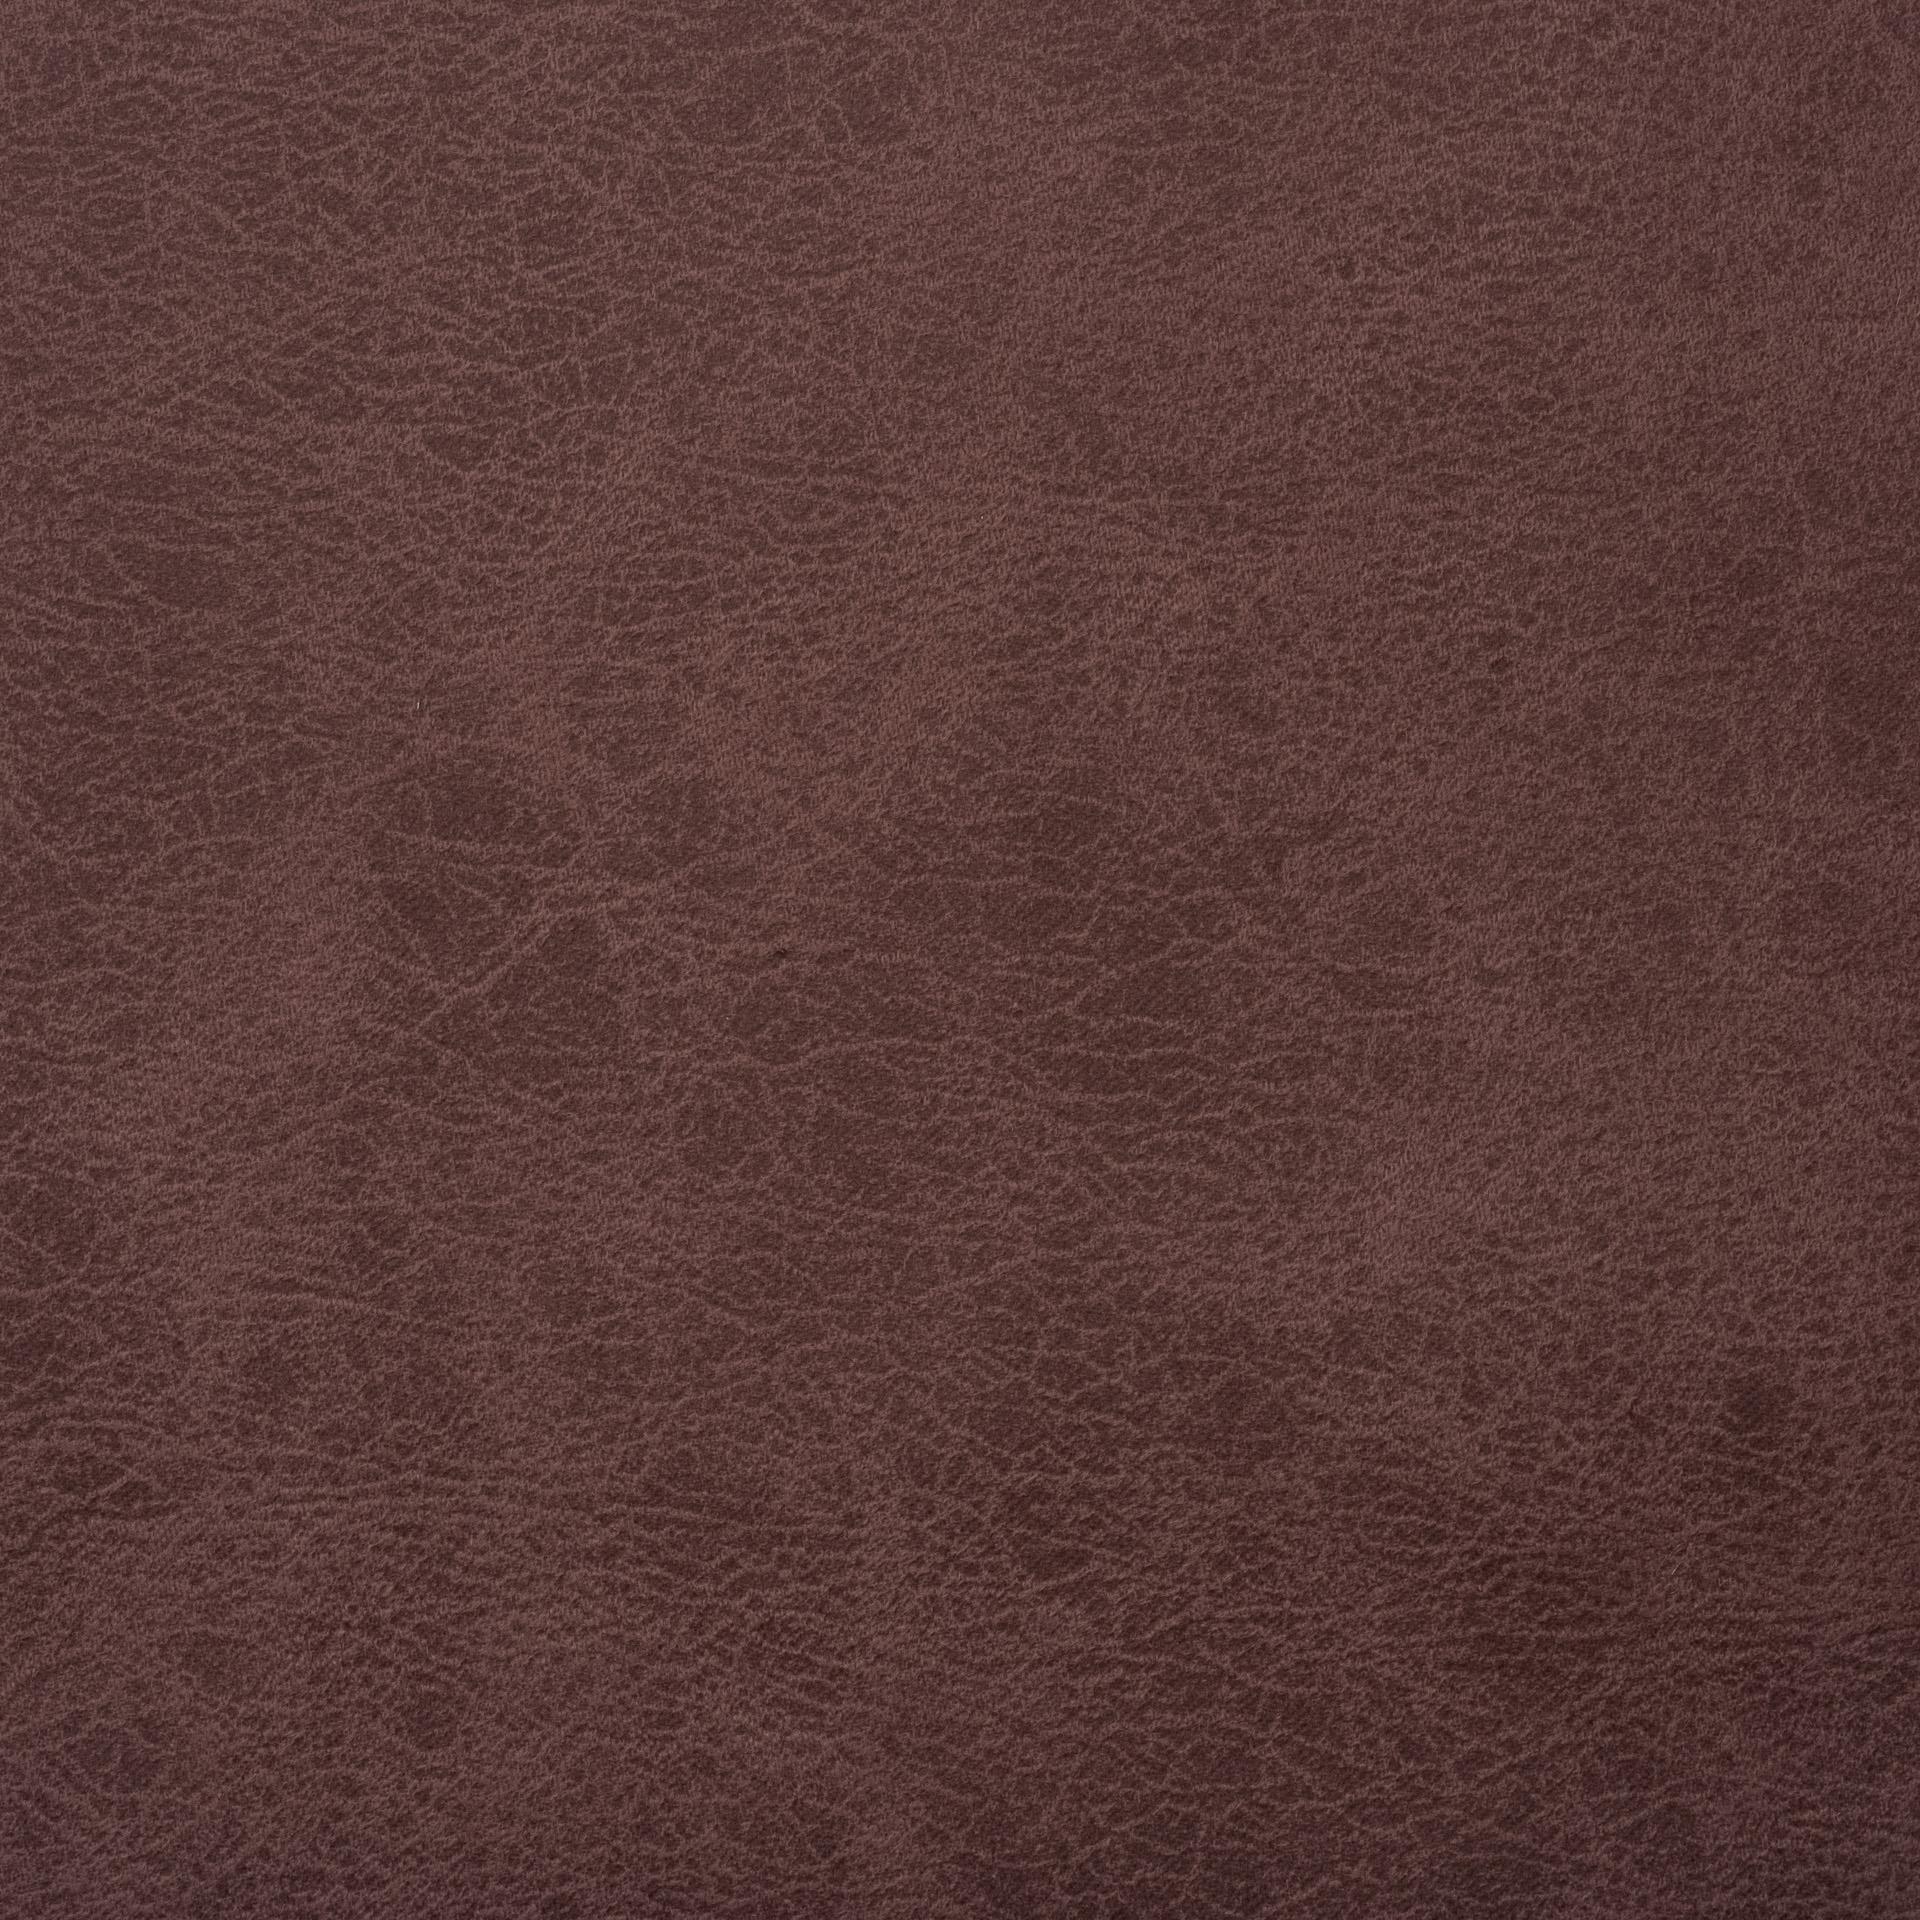 Коллекция ткани Лора 30,  купить ткань Велюр для мебели Украина